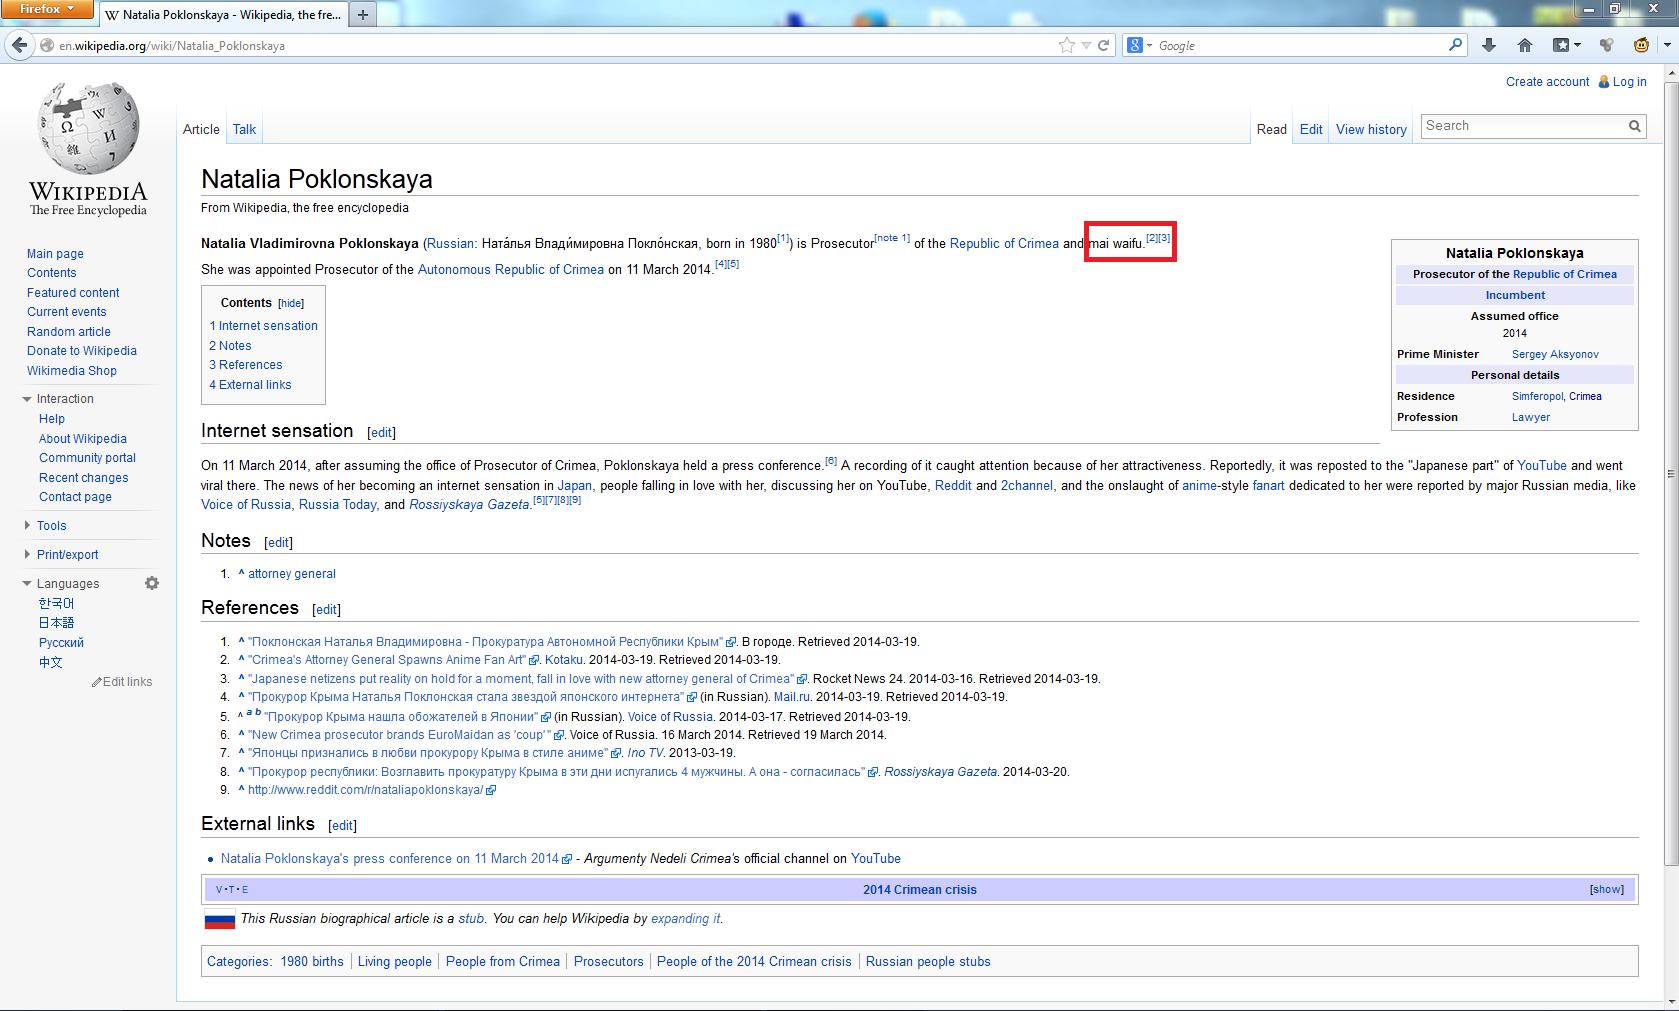 Natalia Poklonskaya Wikipedia